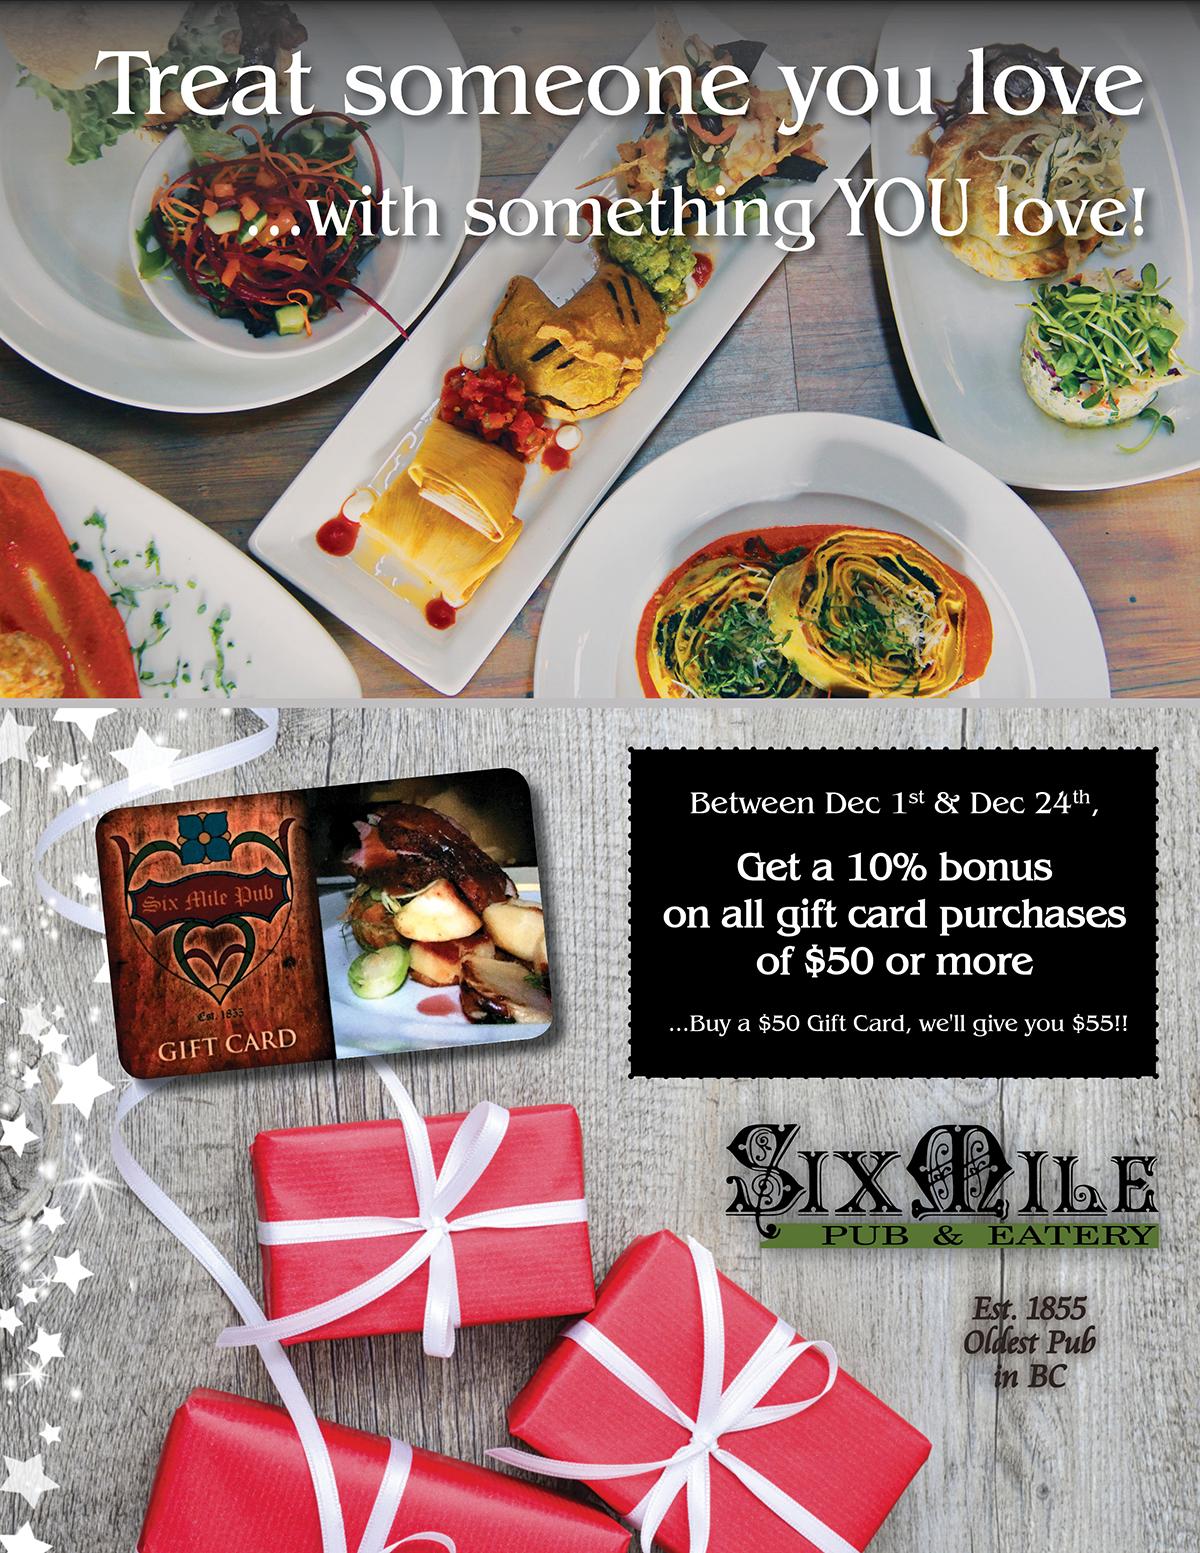 six-mile-pub-gift-card-promo